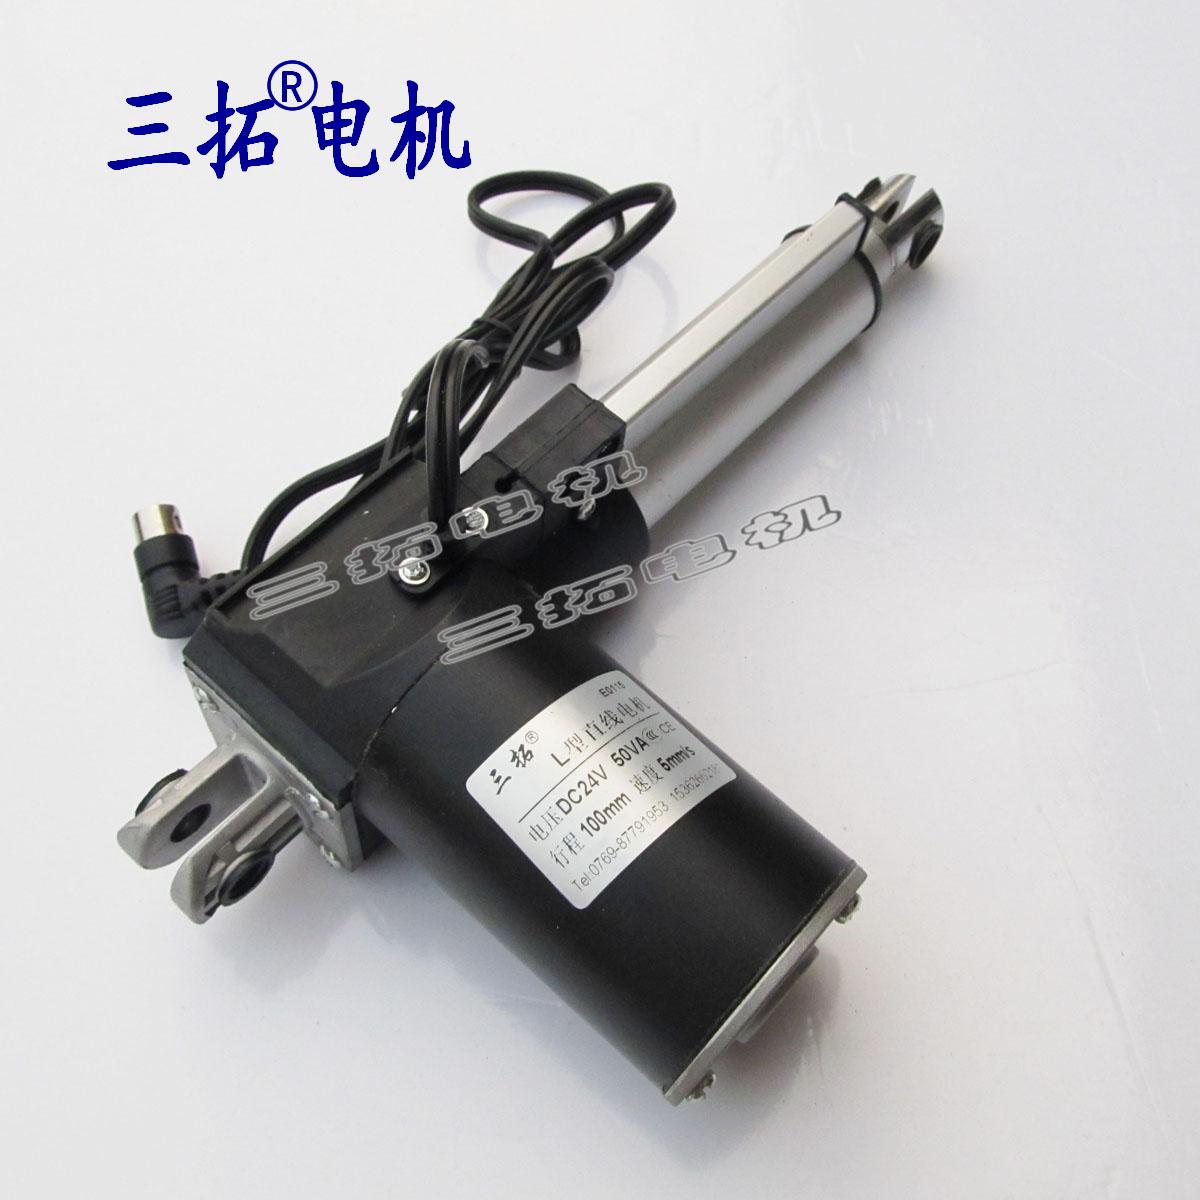 三拓 L型鋁合金推杆電機 直線電機馬達12V 24V 大功率大推力 總